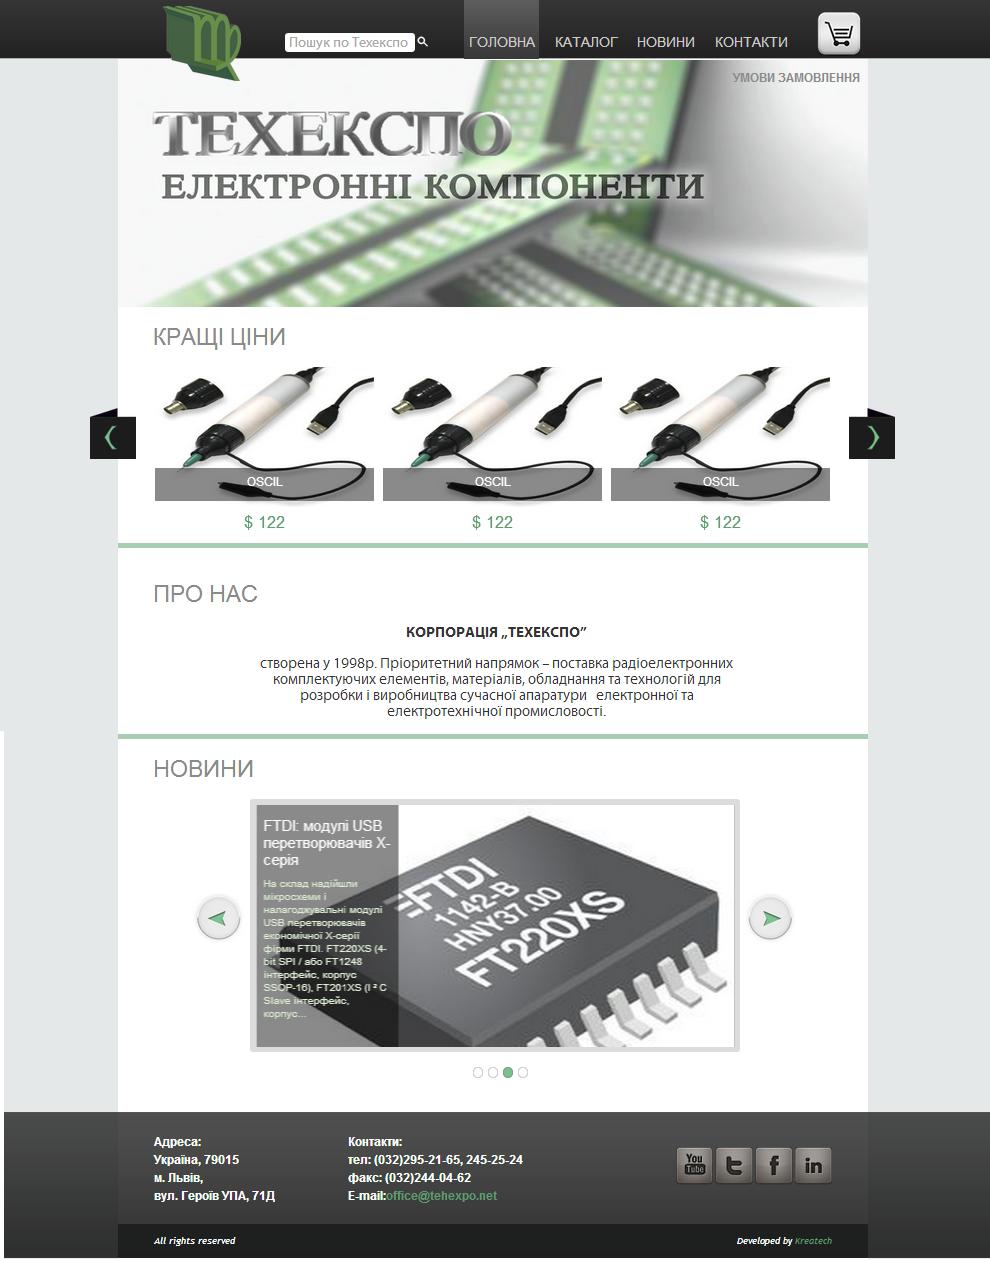 Техекспо електронні компоненти